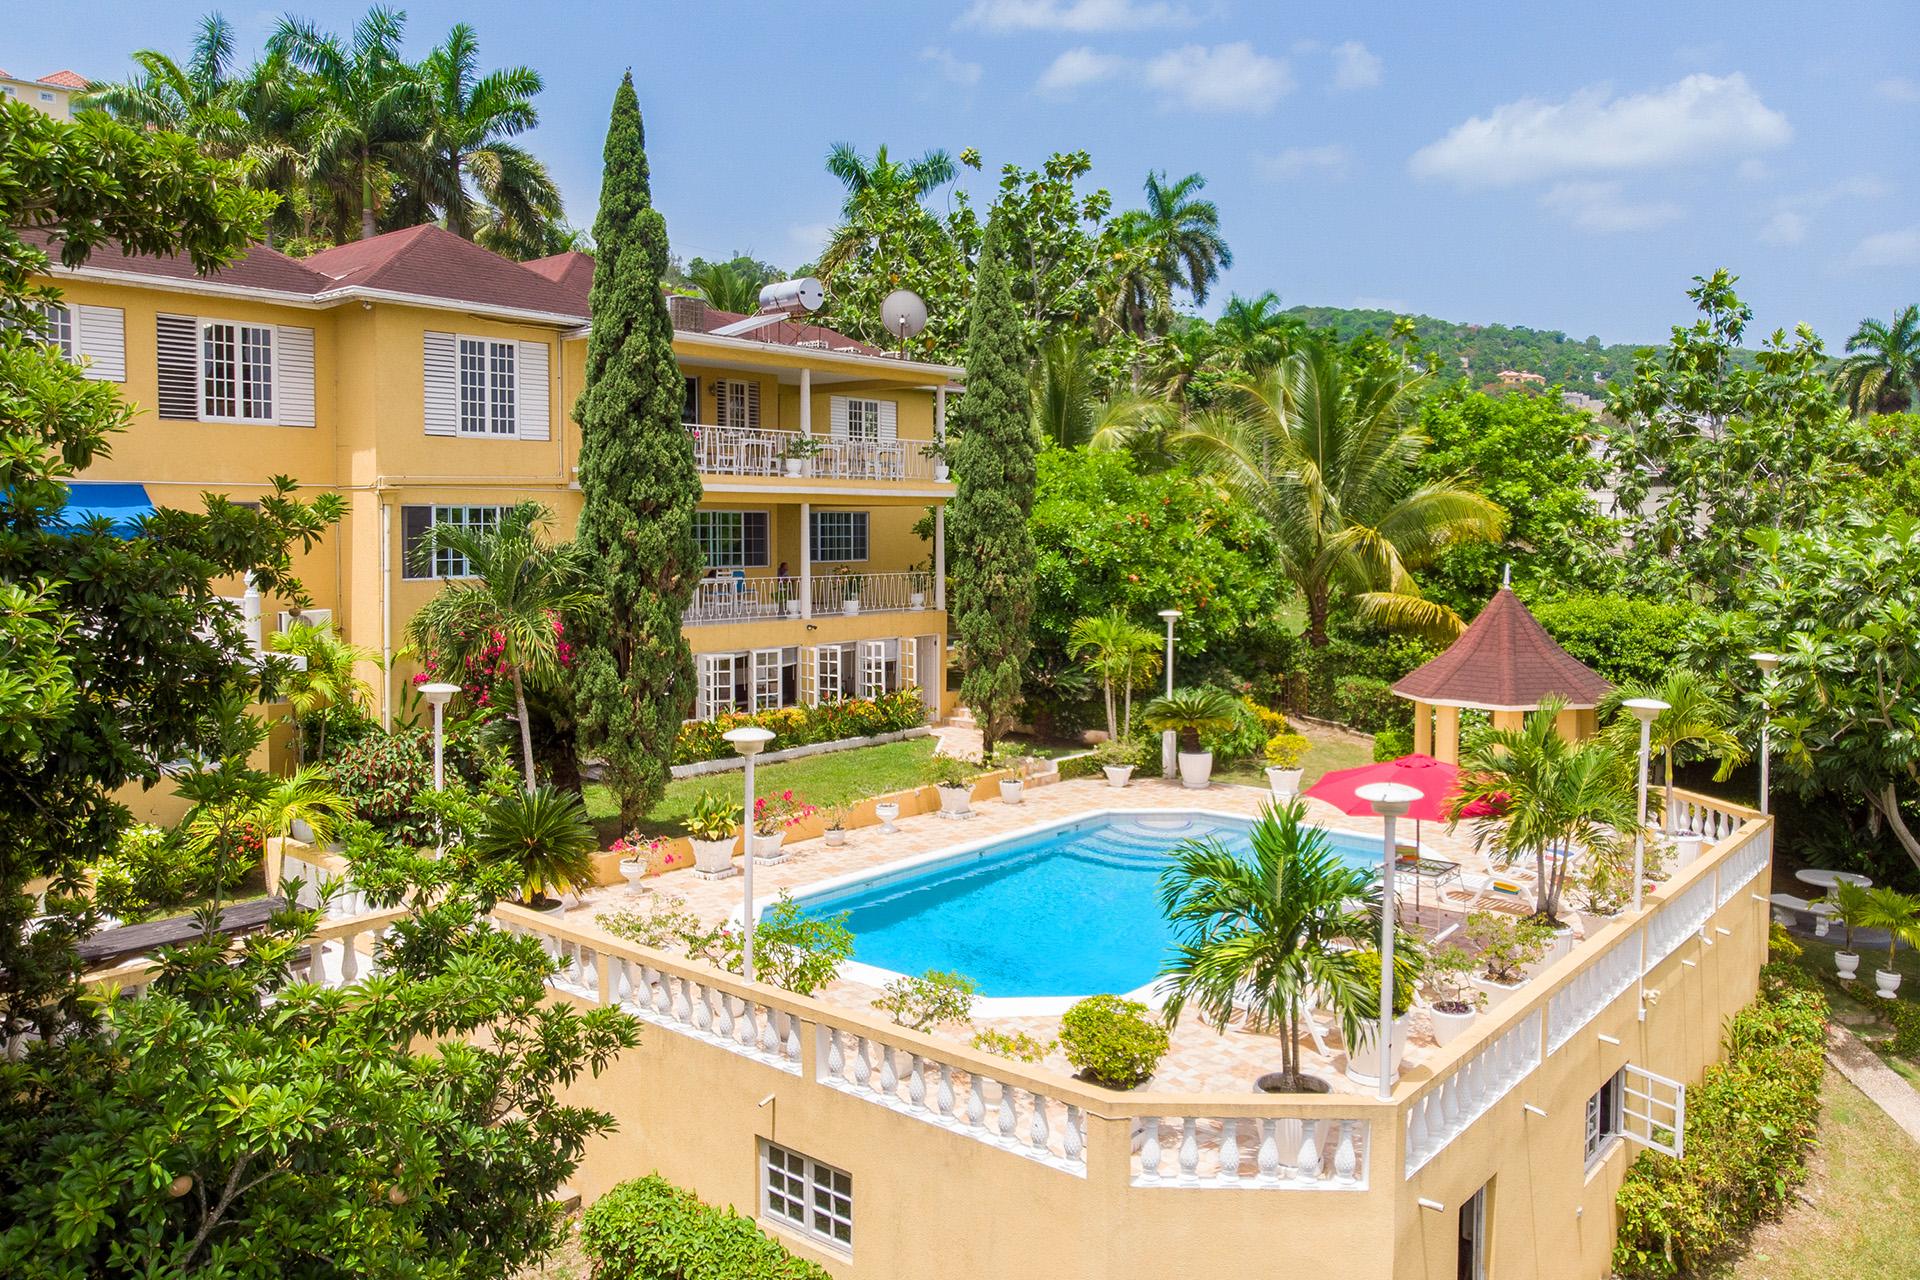 About Bogue Villa